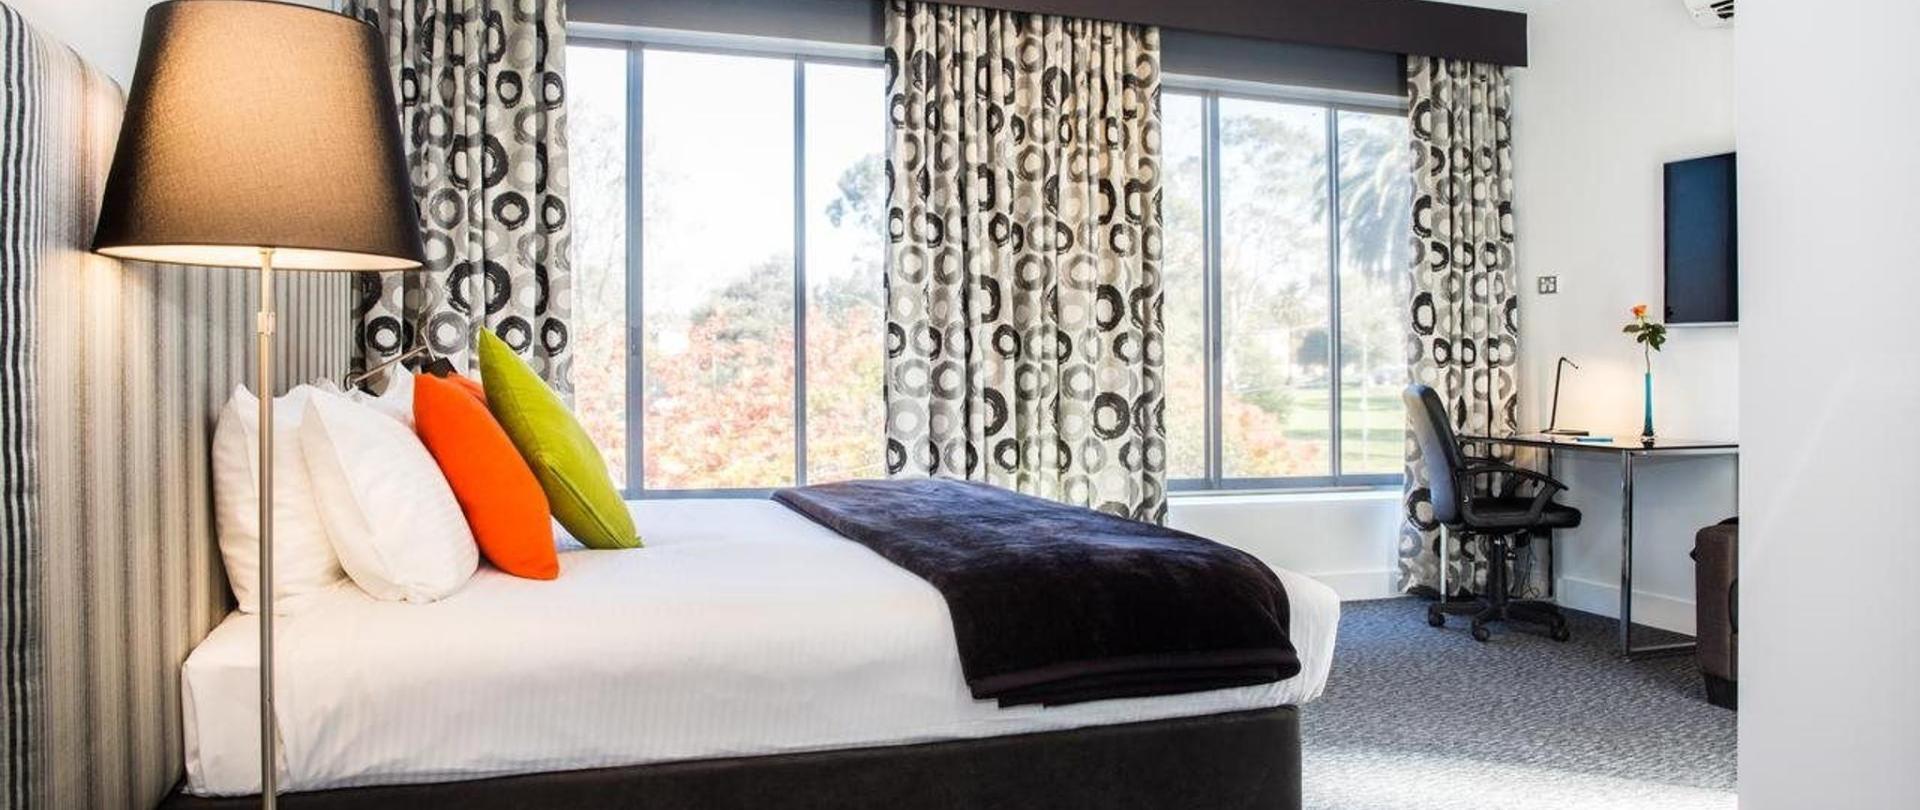 Comfort Hotel East Melbourne (2).jpg